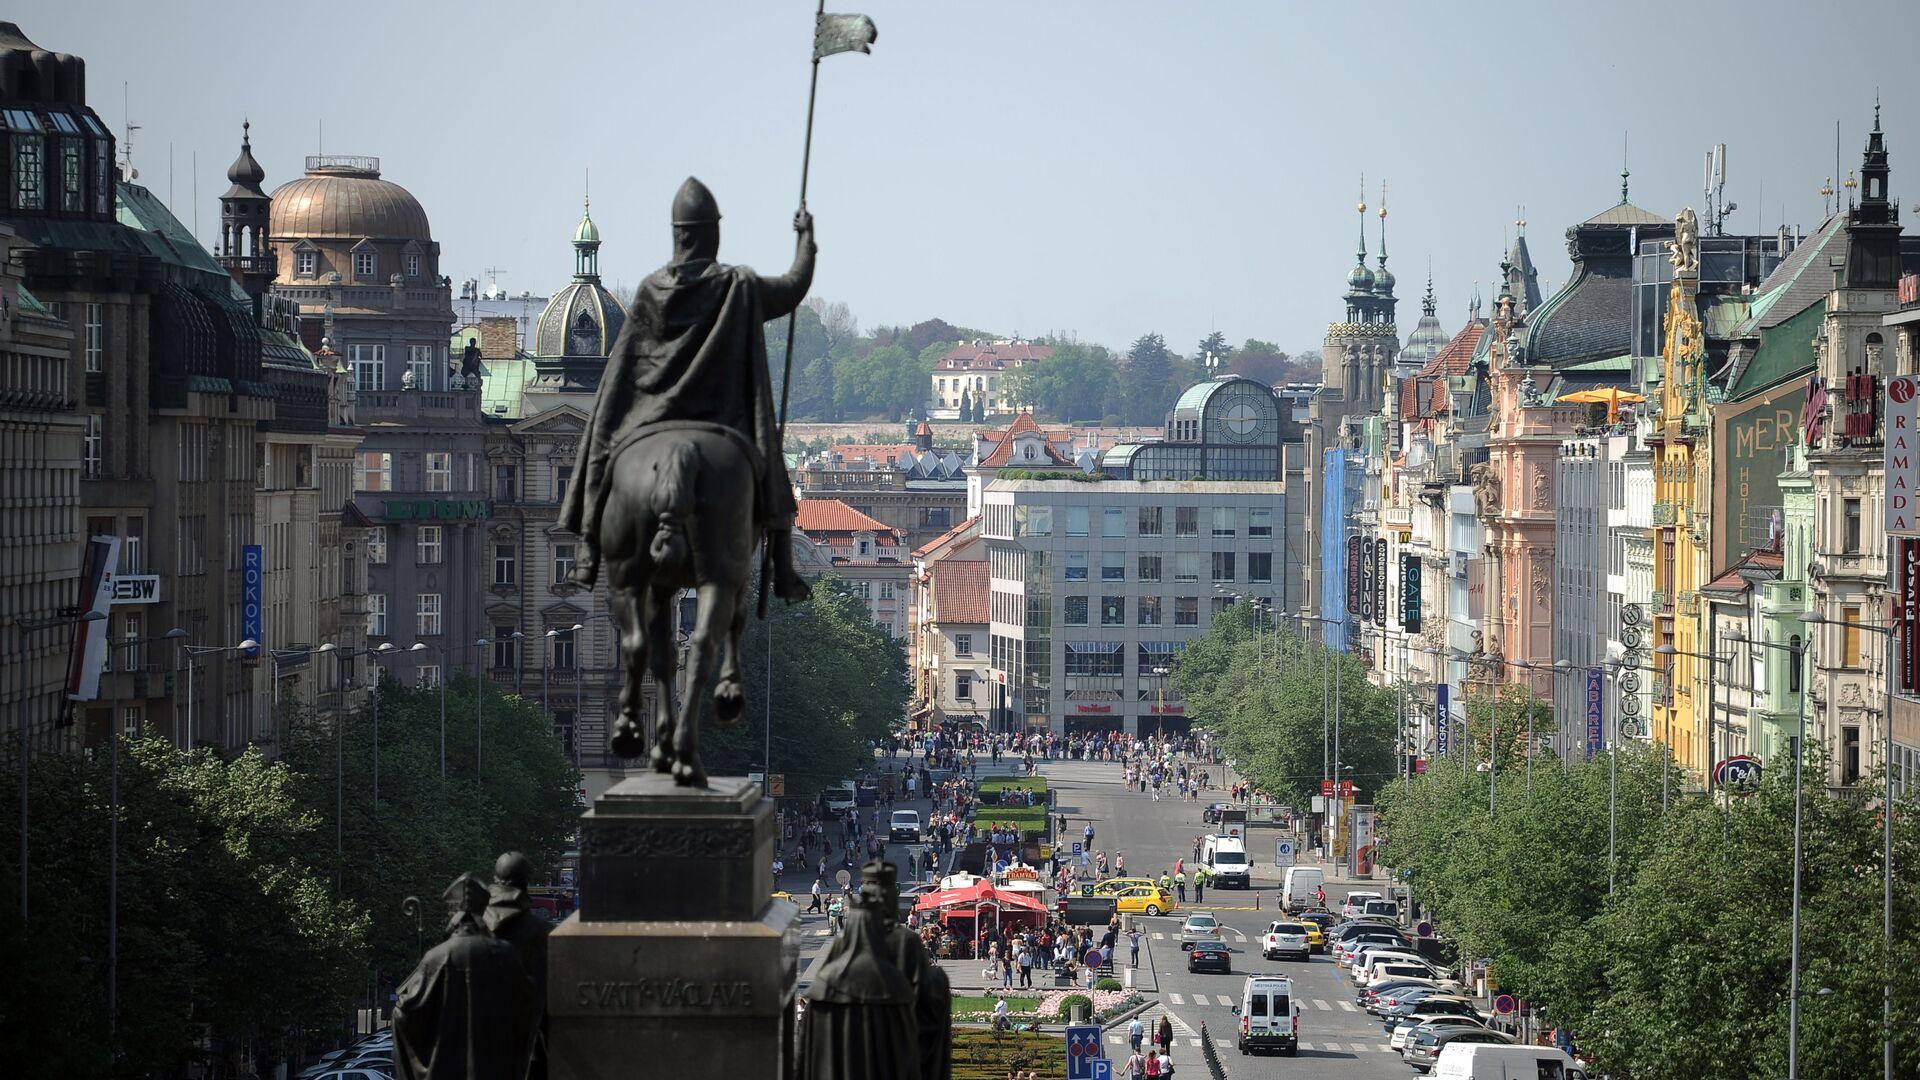 Вид на Вацлавскую площадь в Праге - РИА Новости, 1920, 02.05.2021